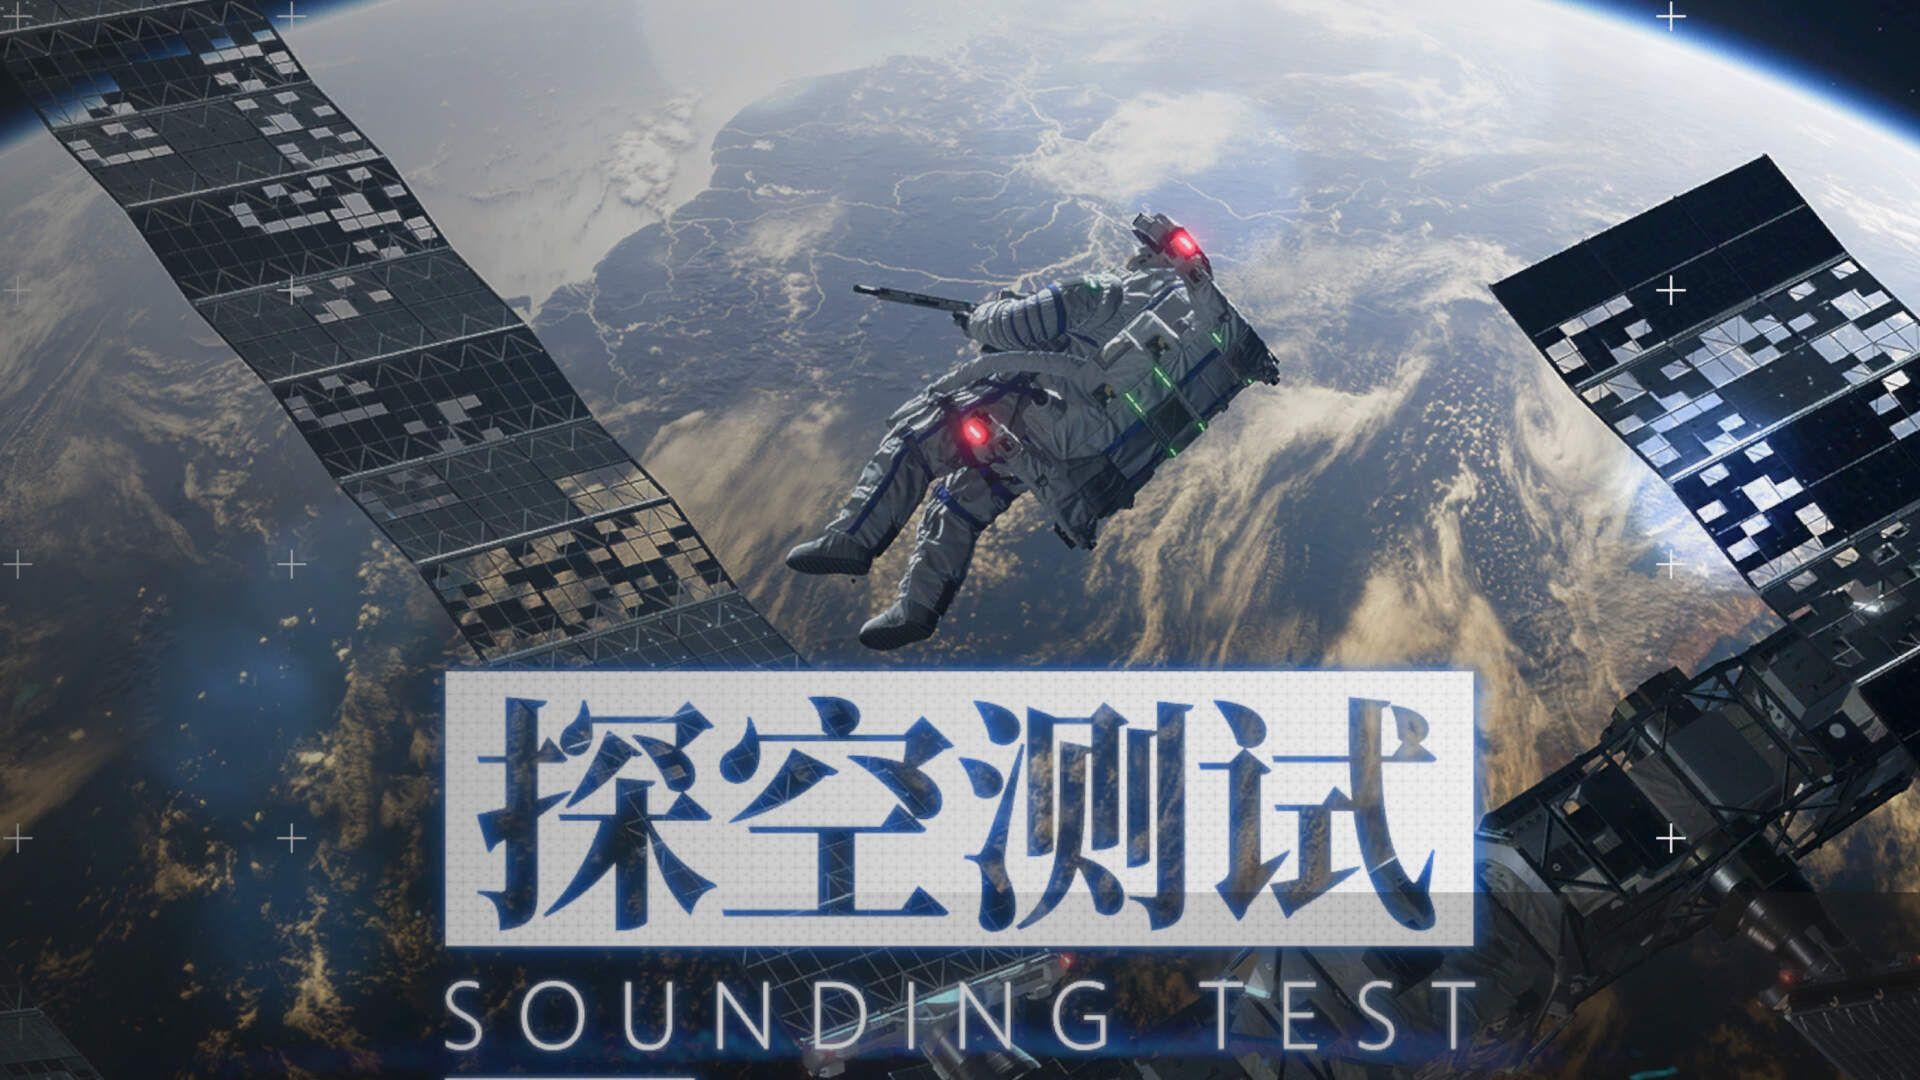 《边境》封测体验报告:新奇、拟真的太空题材 FPS